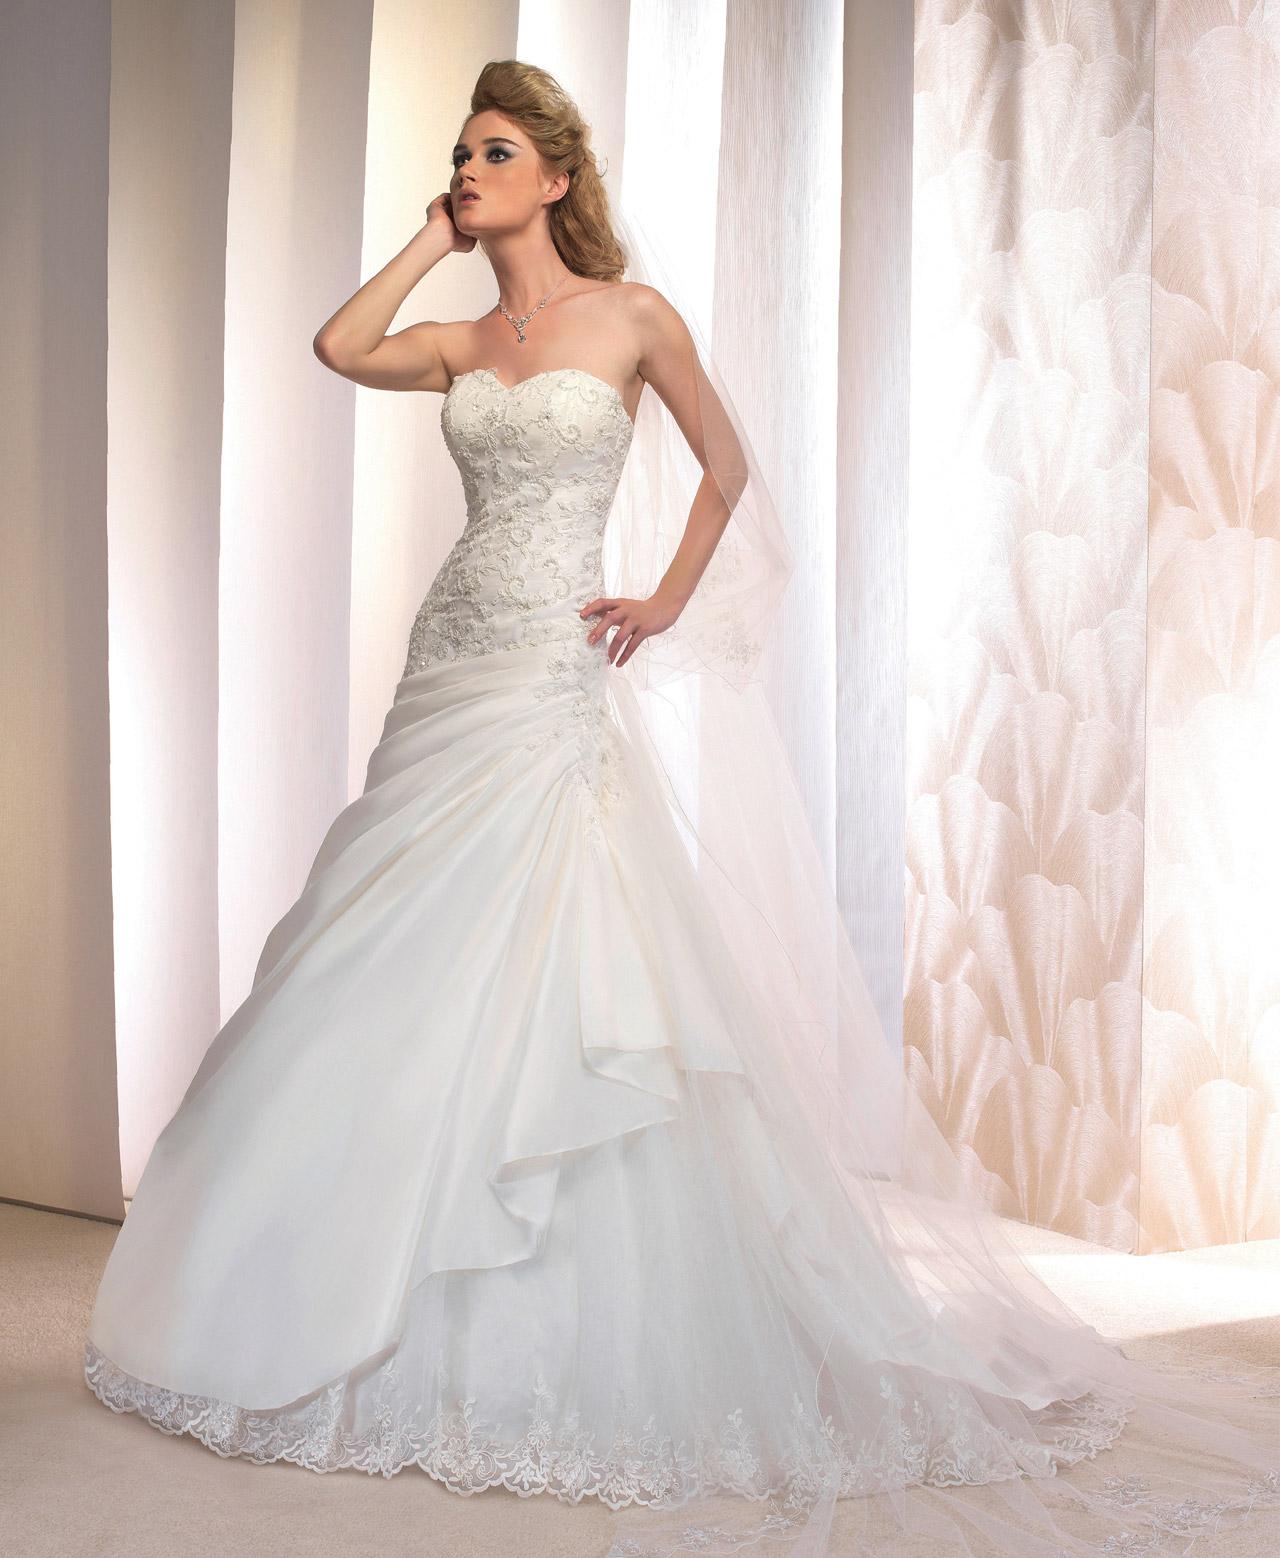 e38c077672f Robe de mariée modele - Chapka